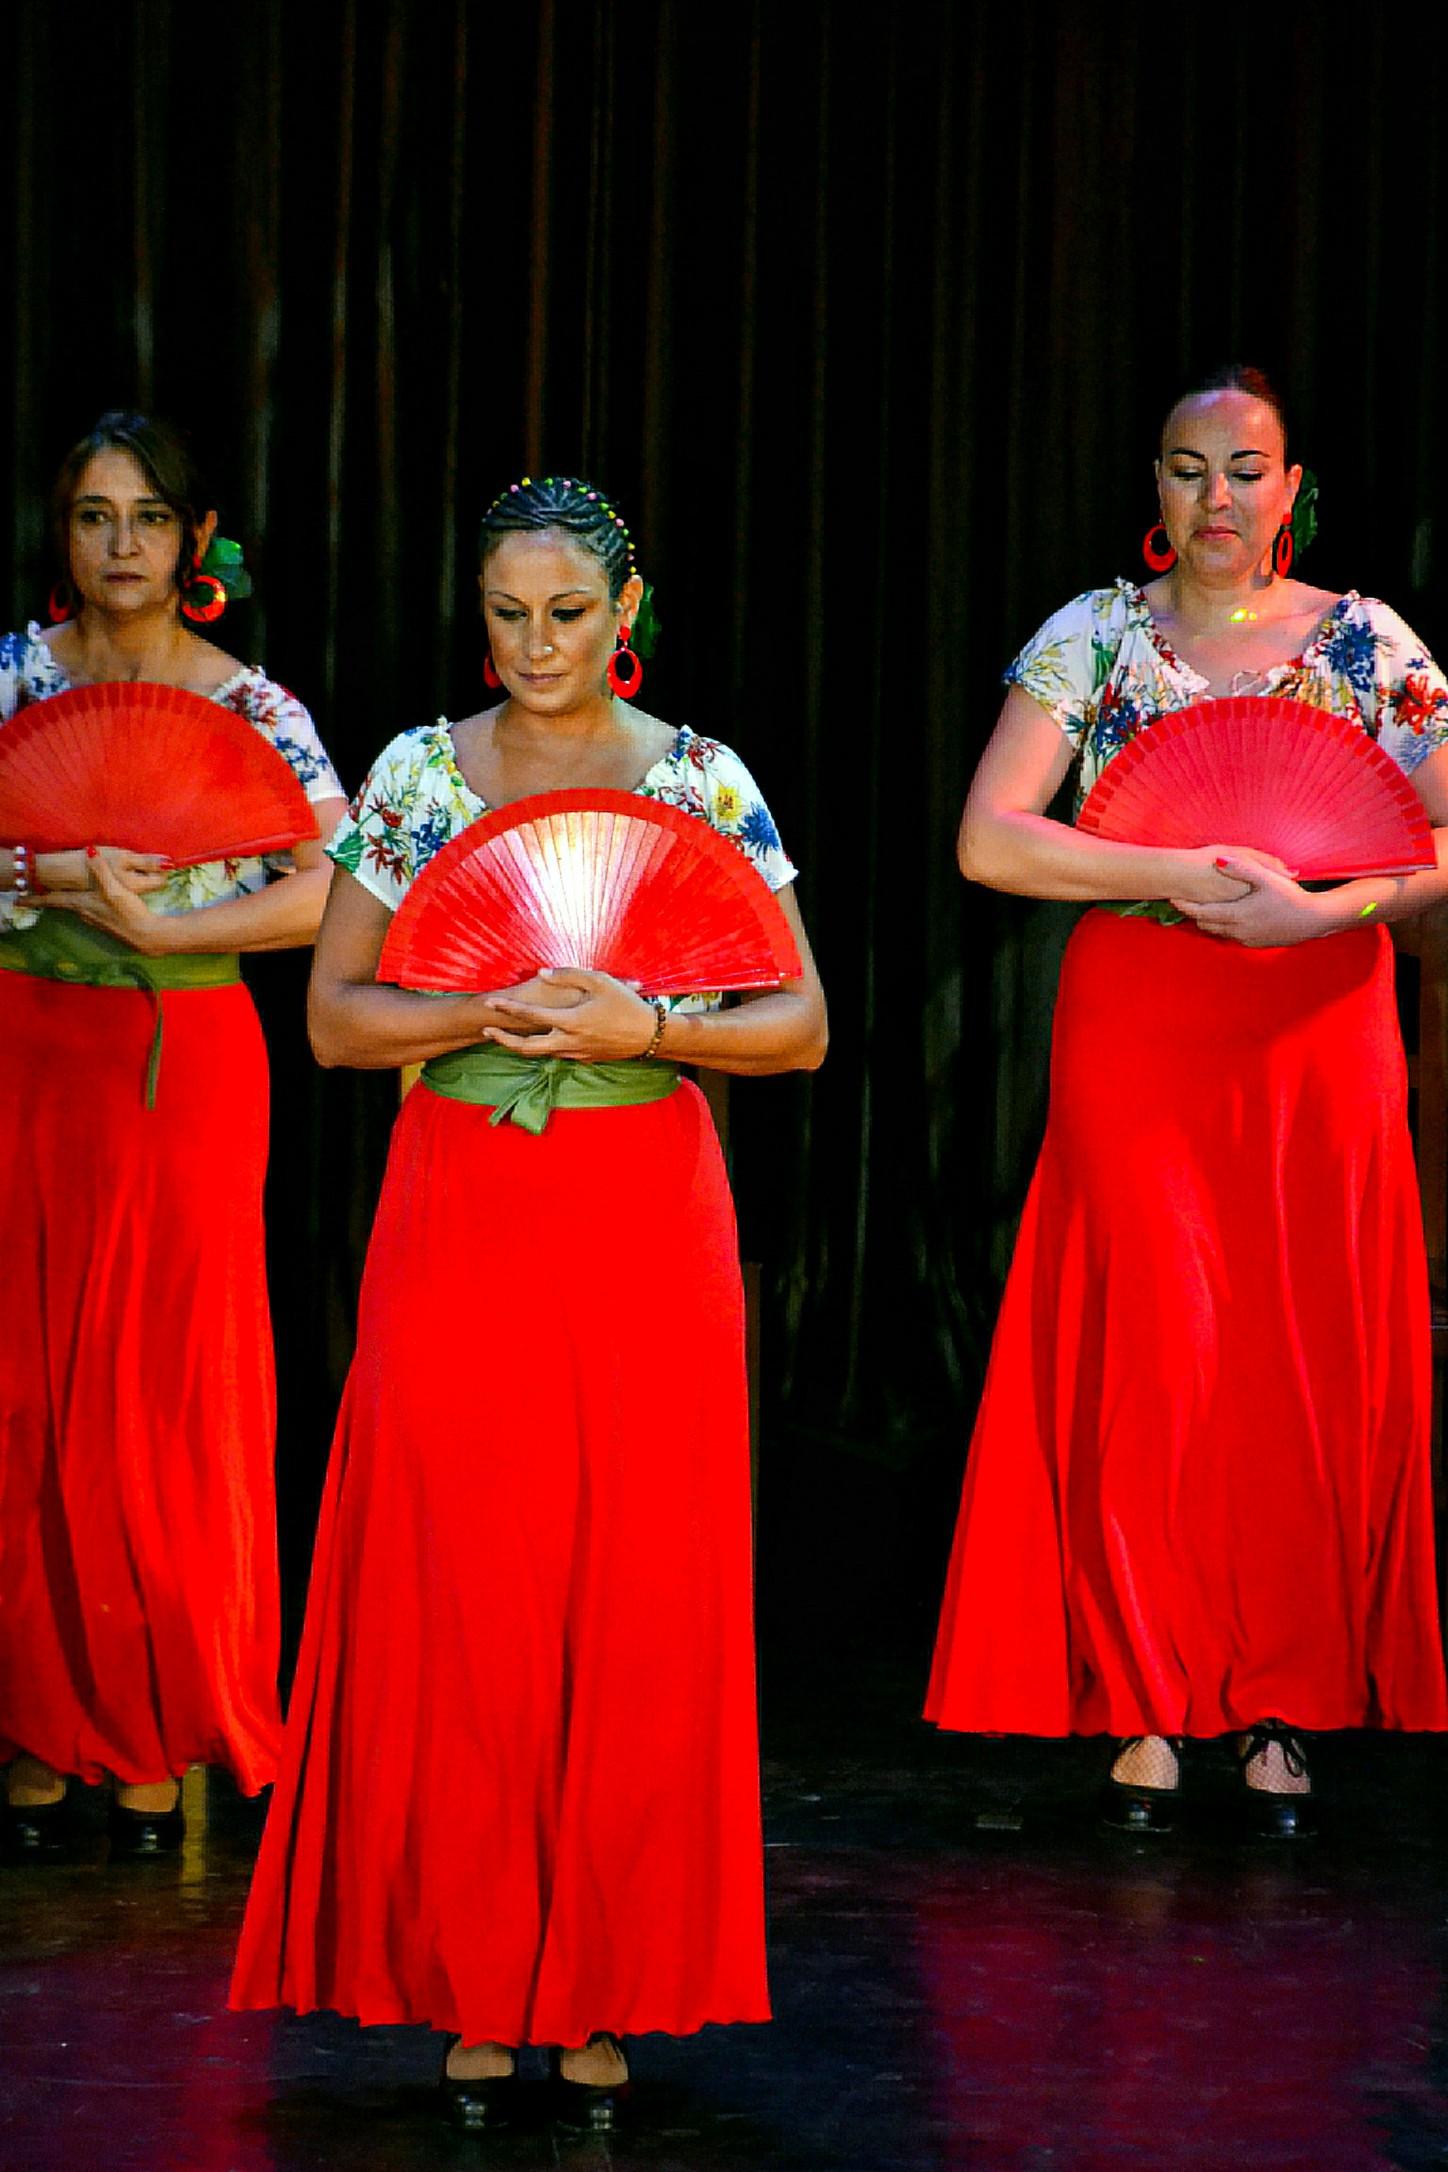 Linea-de-Baile-festival-verano-2015-clases-de-baile-valencia-59